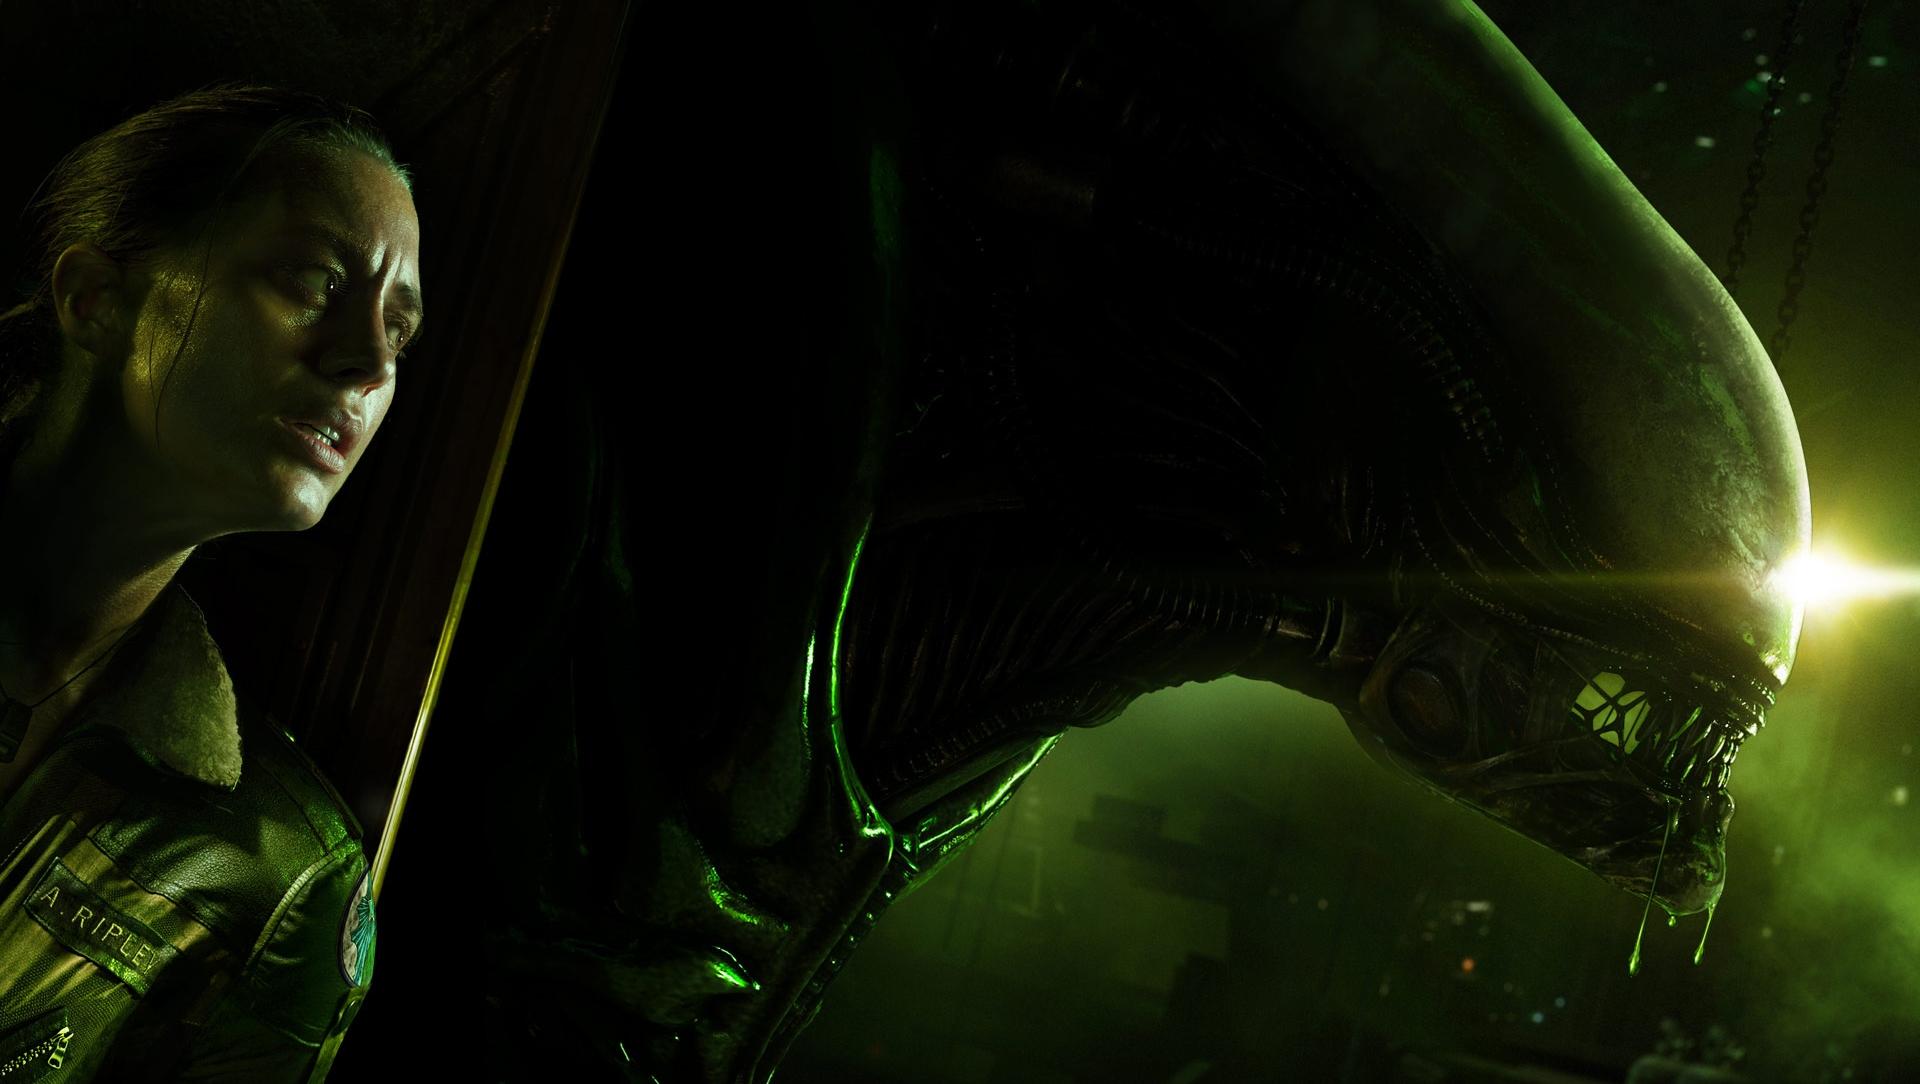 Neues Alien Spiel